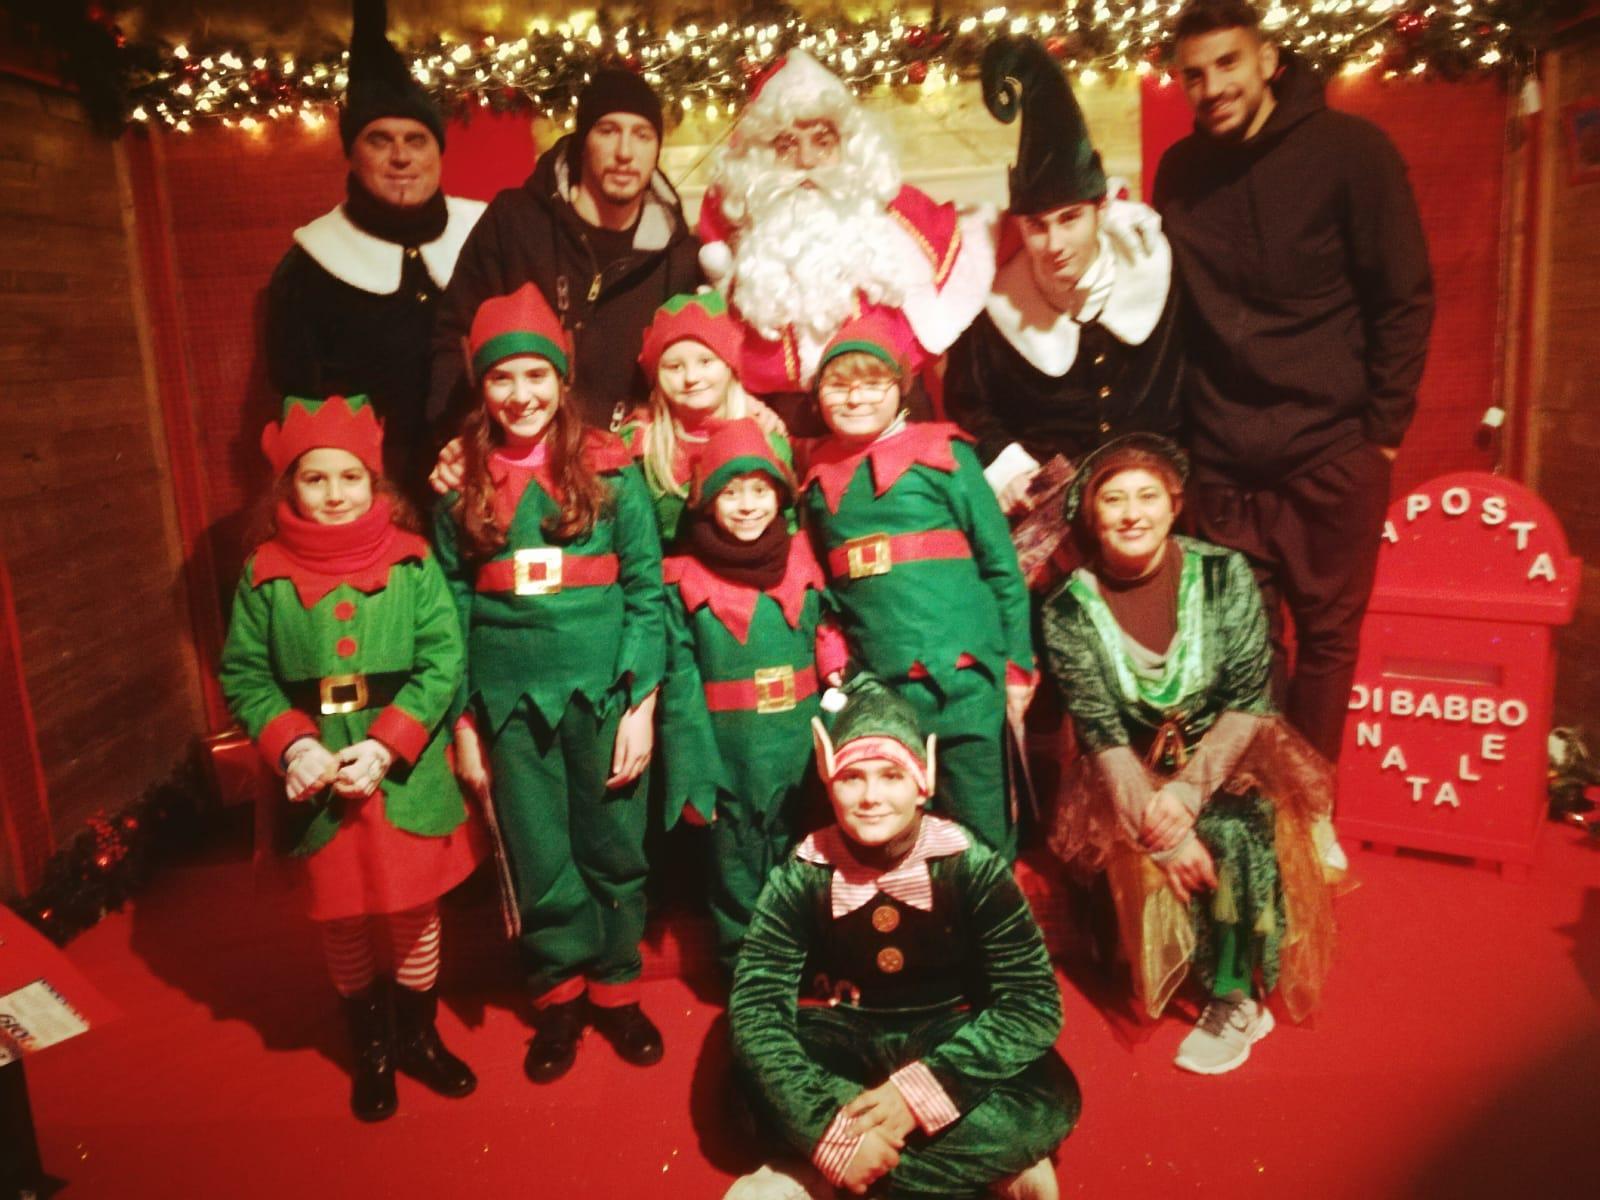 Visita Babbo Natale.Foto Babbo Natale E Nella Casa A Porto D Ascoli Anche La